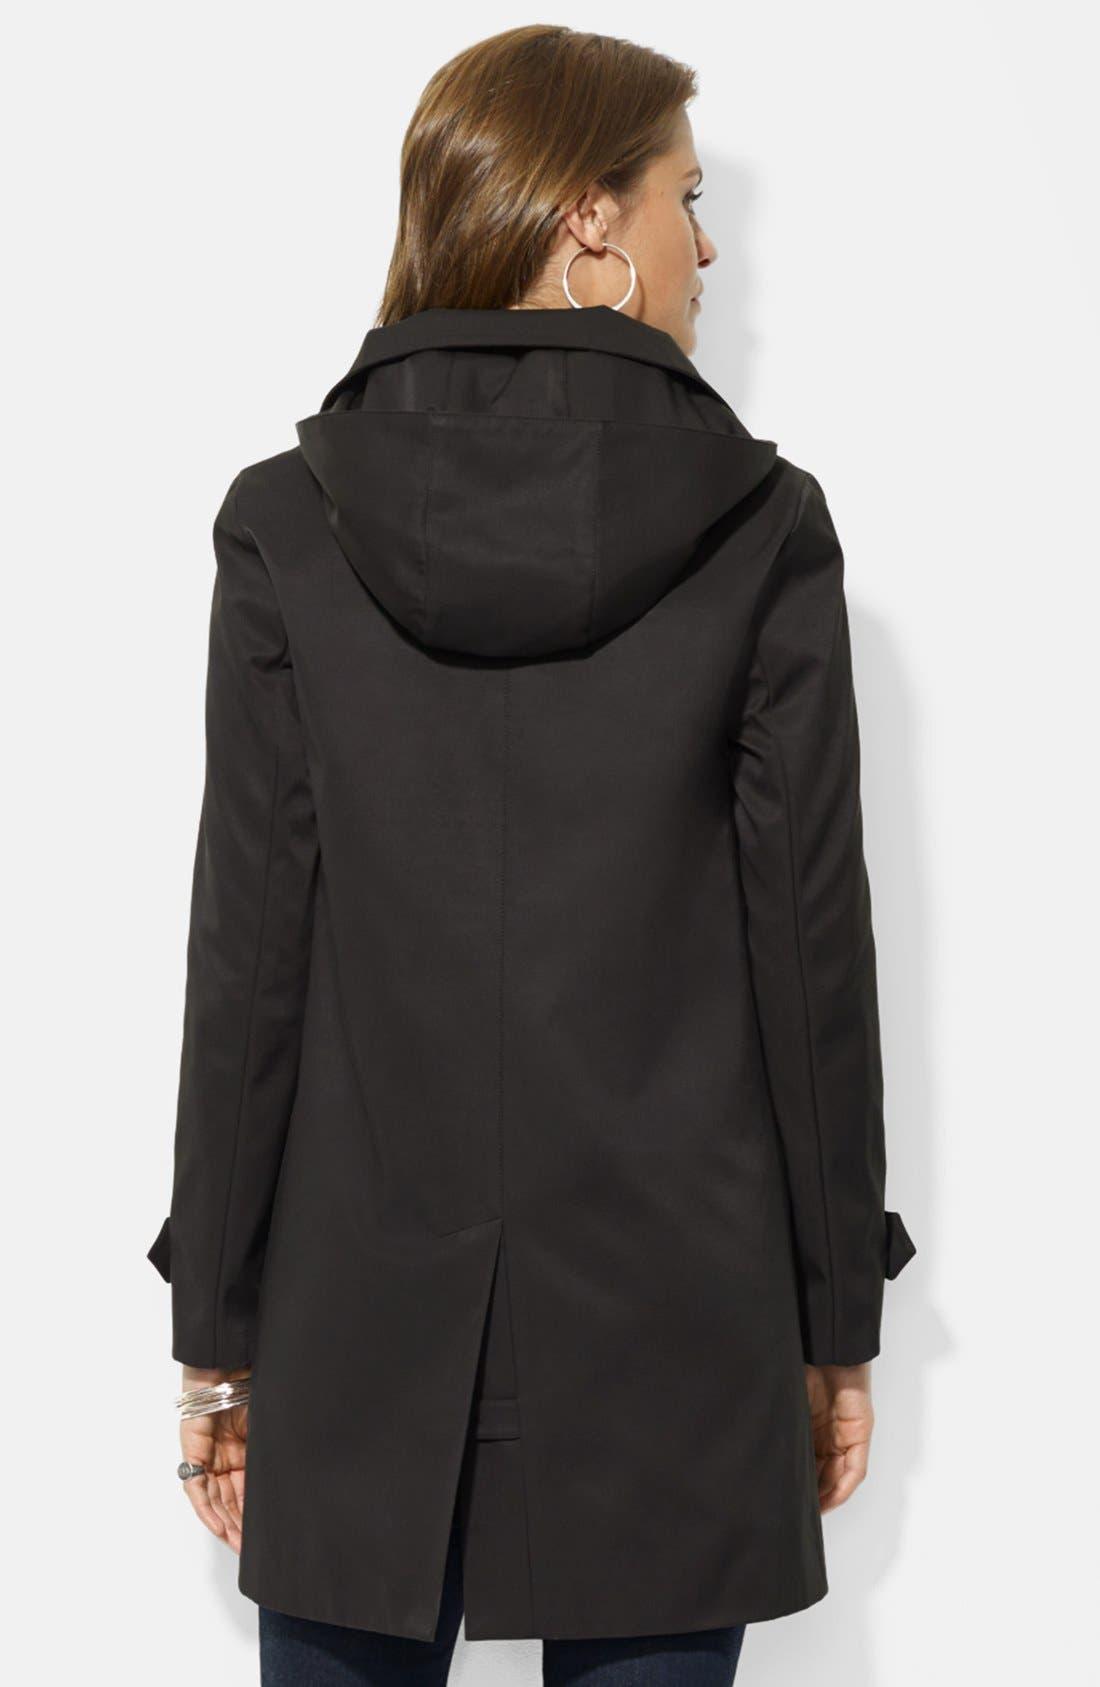 Alternate Image 2  - Lauren Ralph Lauren Rain Jacket with Detachable Hood & Liner (Nordstrom Exclusive)